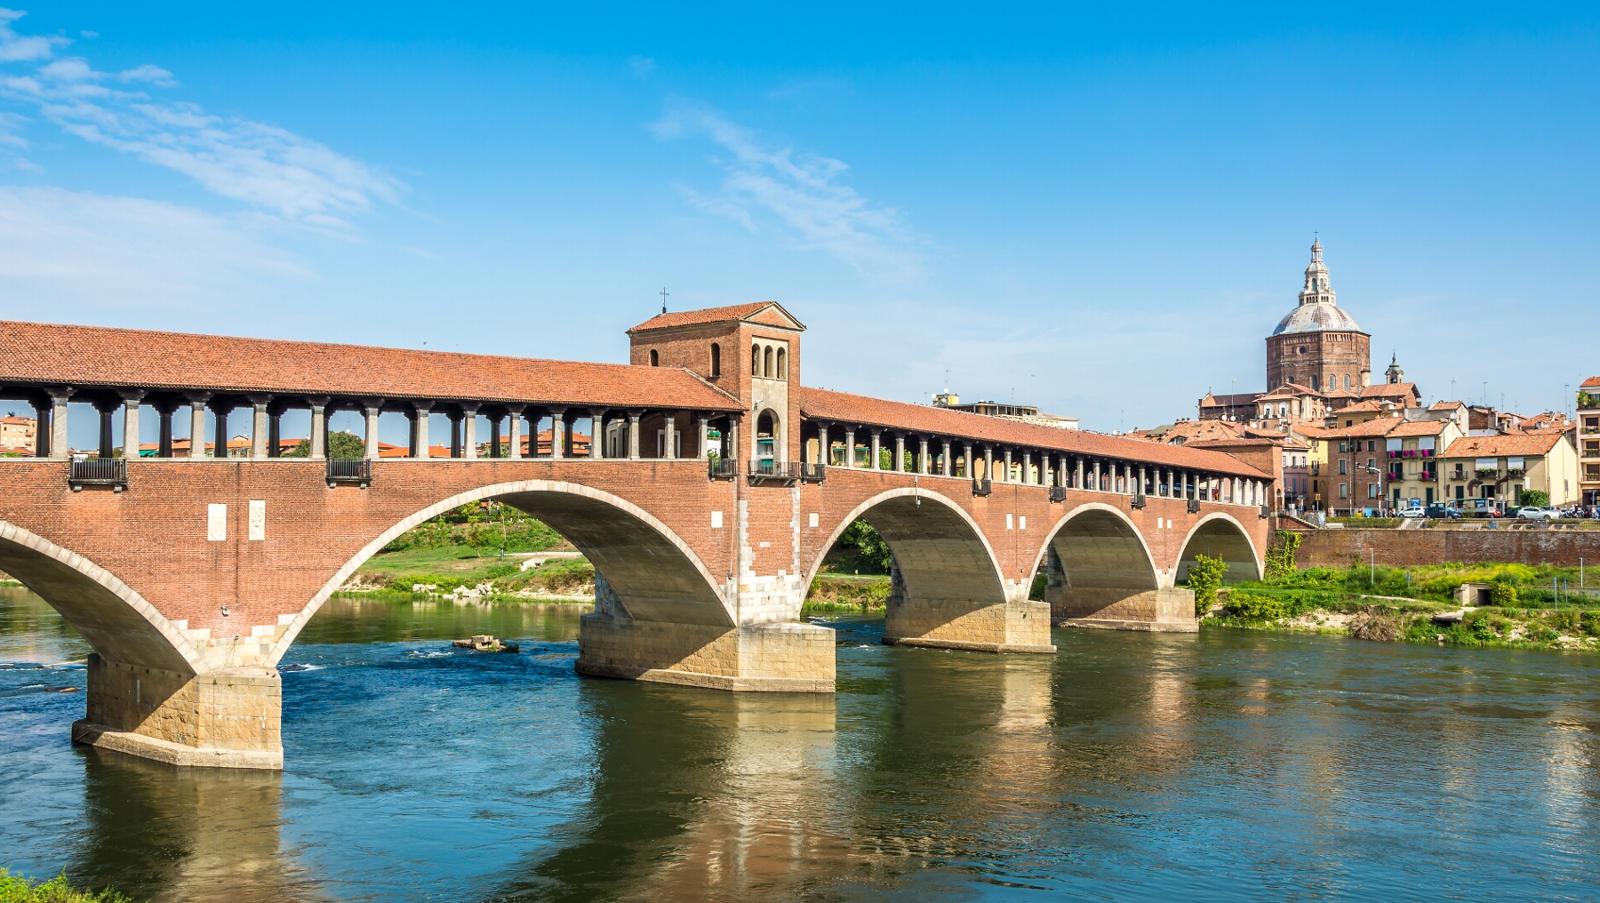 Valutazione Immobili Pavia